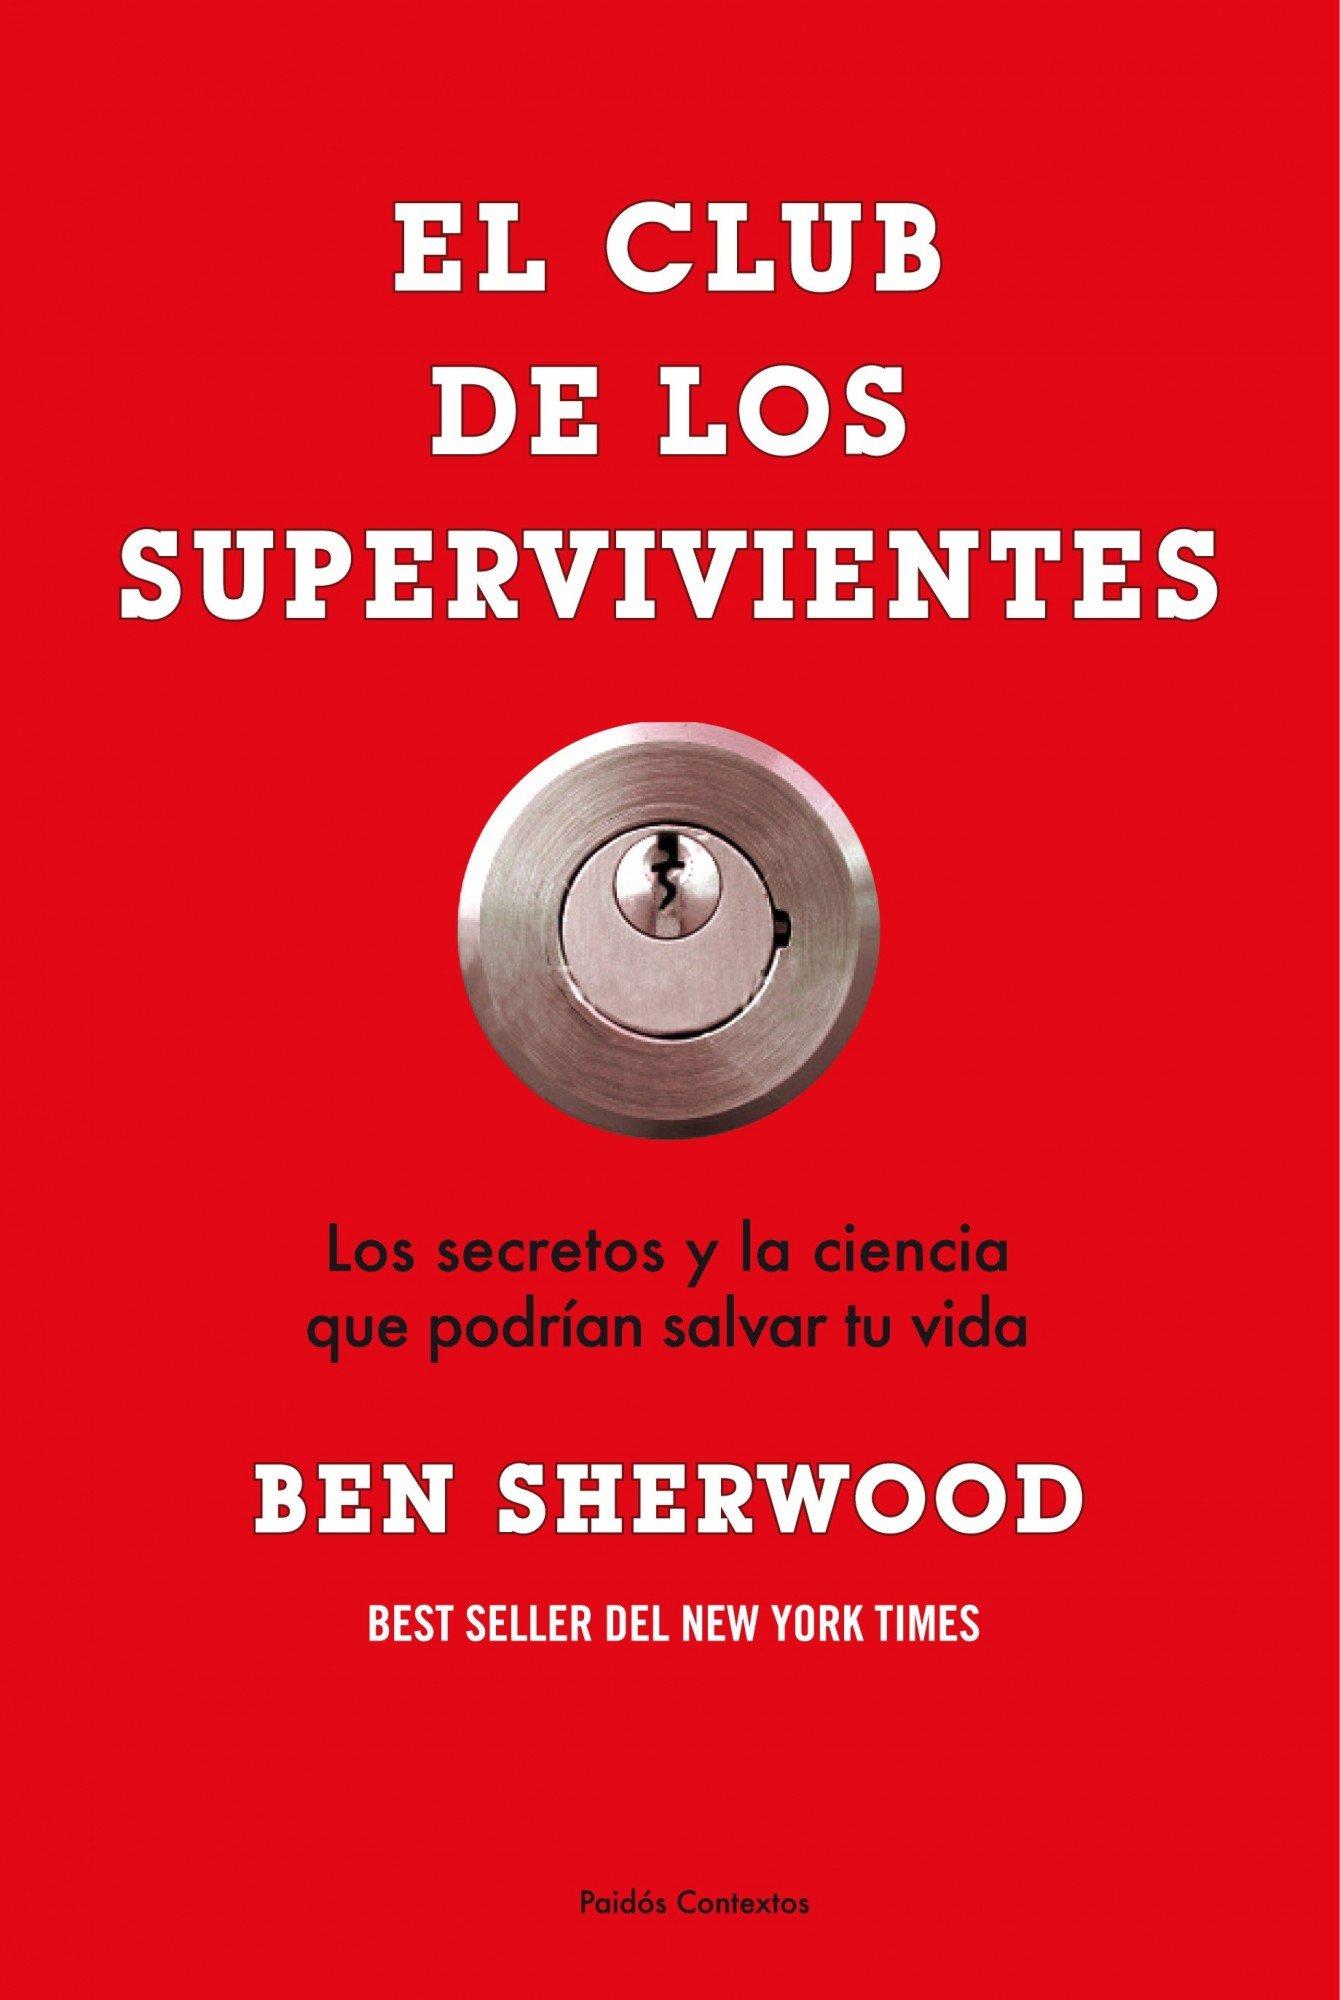 El club de los supervivientes (Contextos): Amazon.es: Sherwood, Ben: Libros